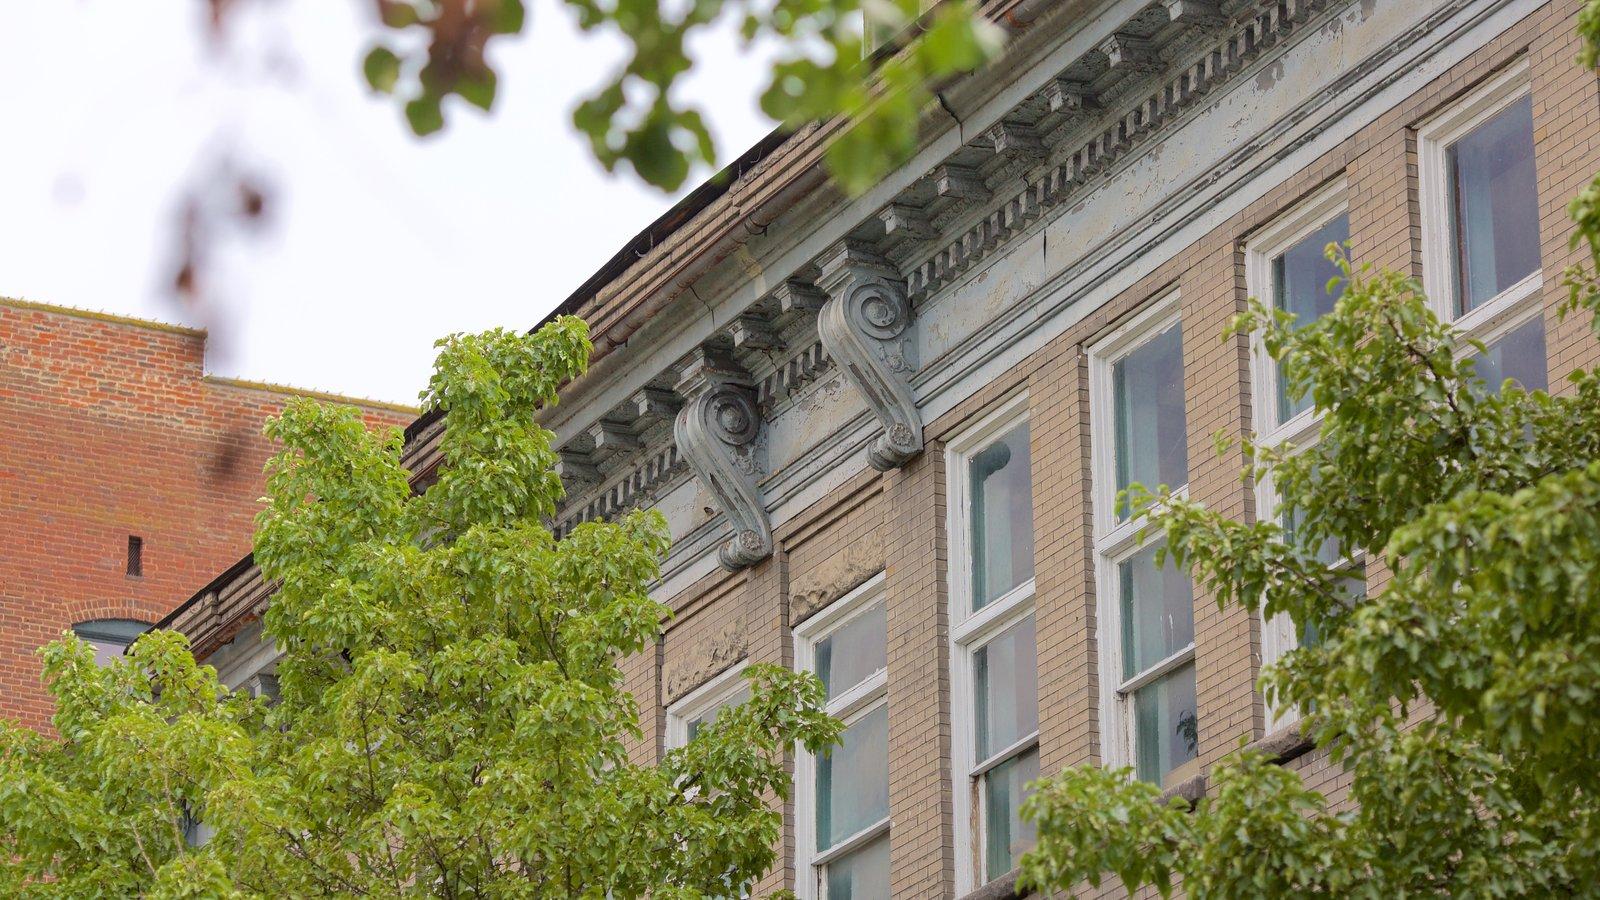 Hinton ofreciendo una ciudad y elementos del patrimonio